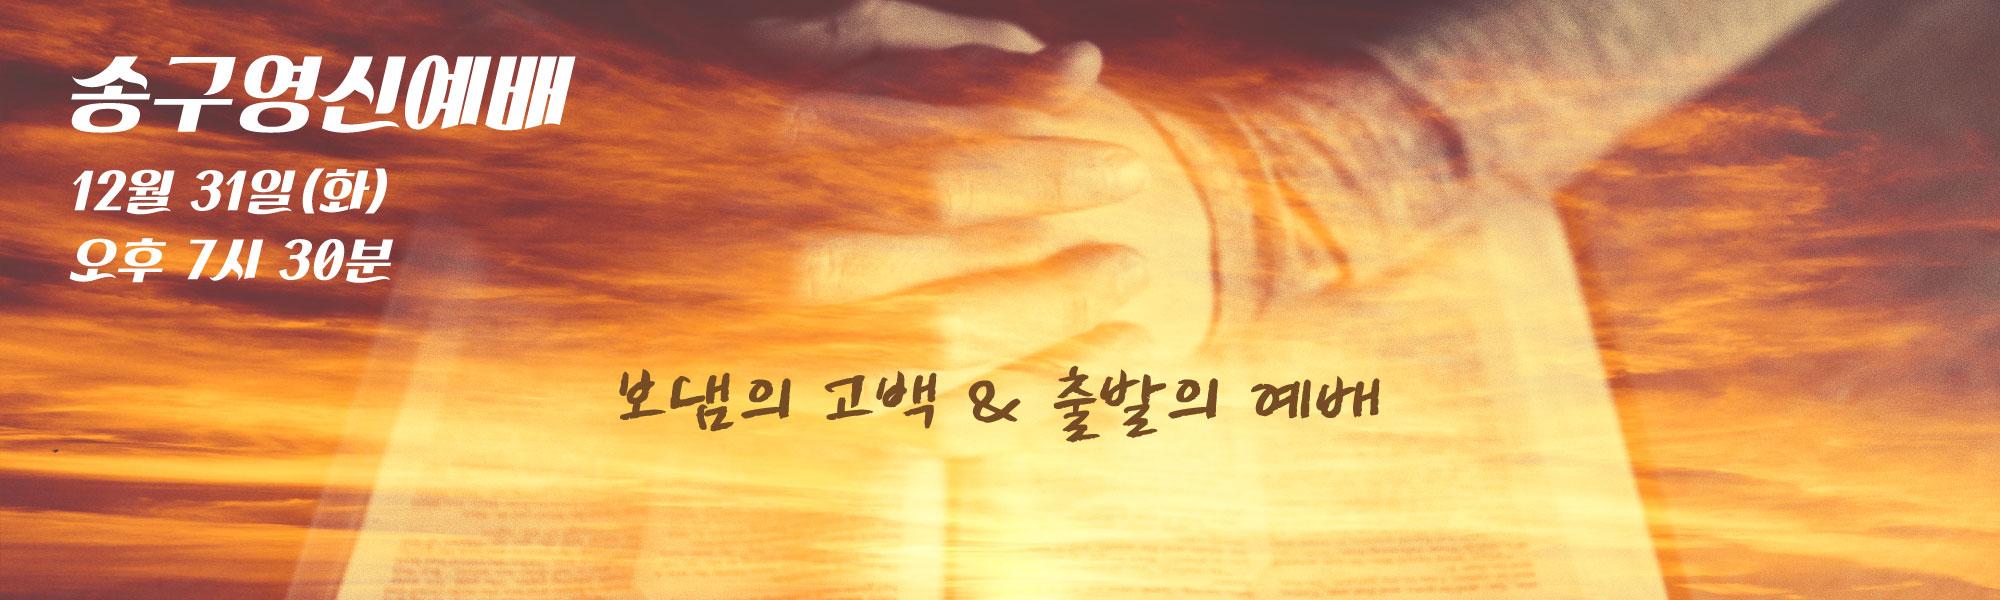 송구영신예배